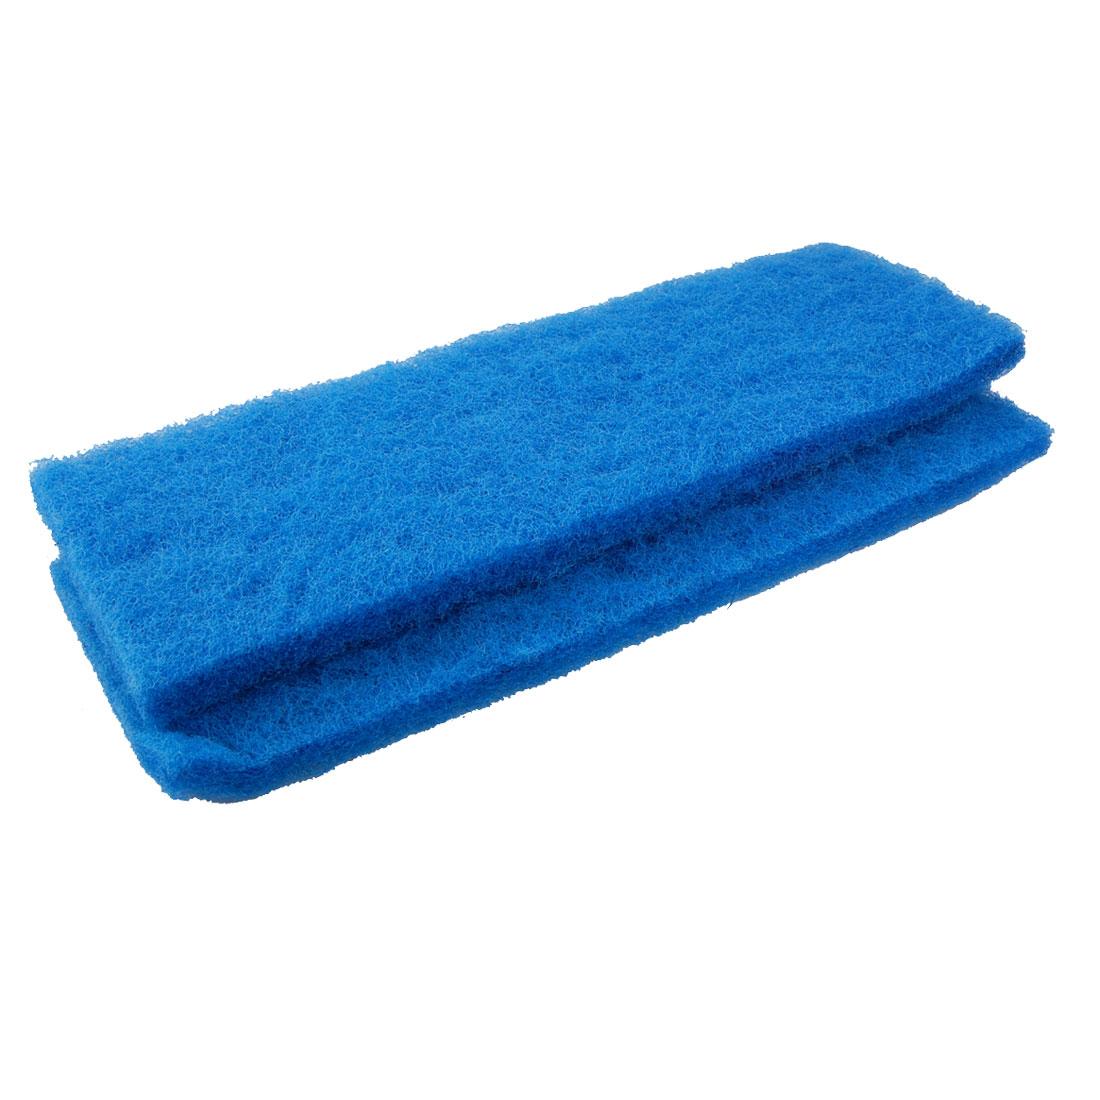 Unique Bargains 2pcs 12.6 Length Blue Biochemical Filter Sponge for Aquarium